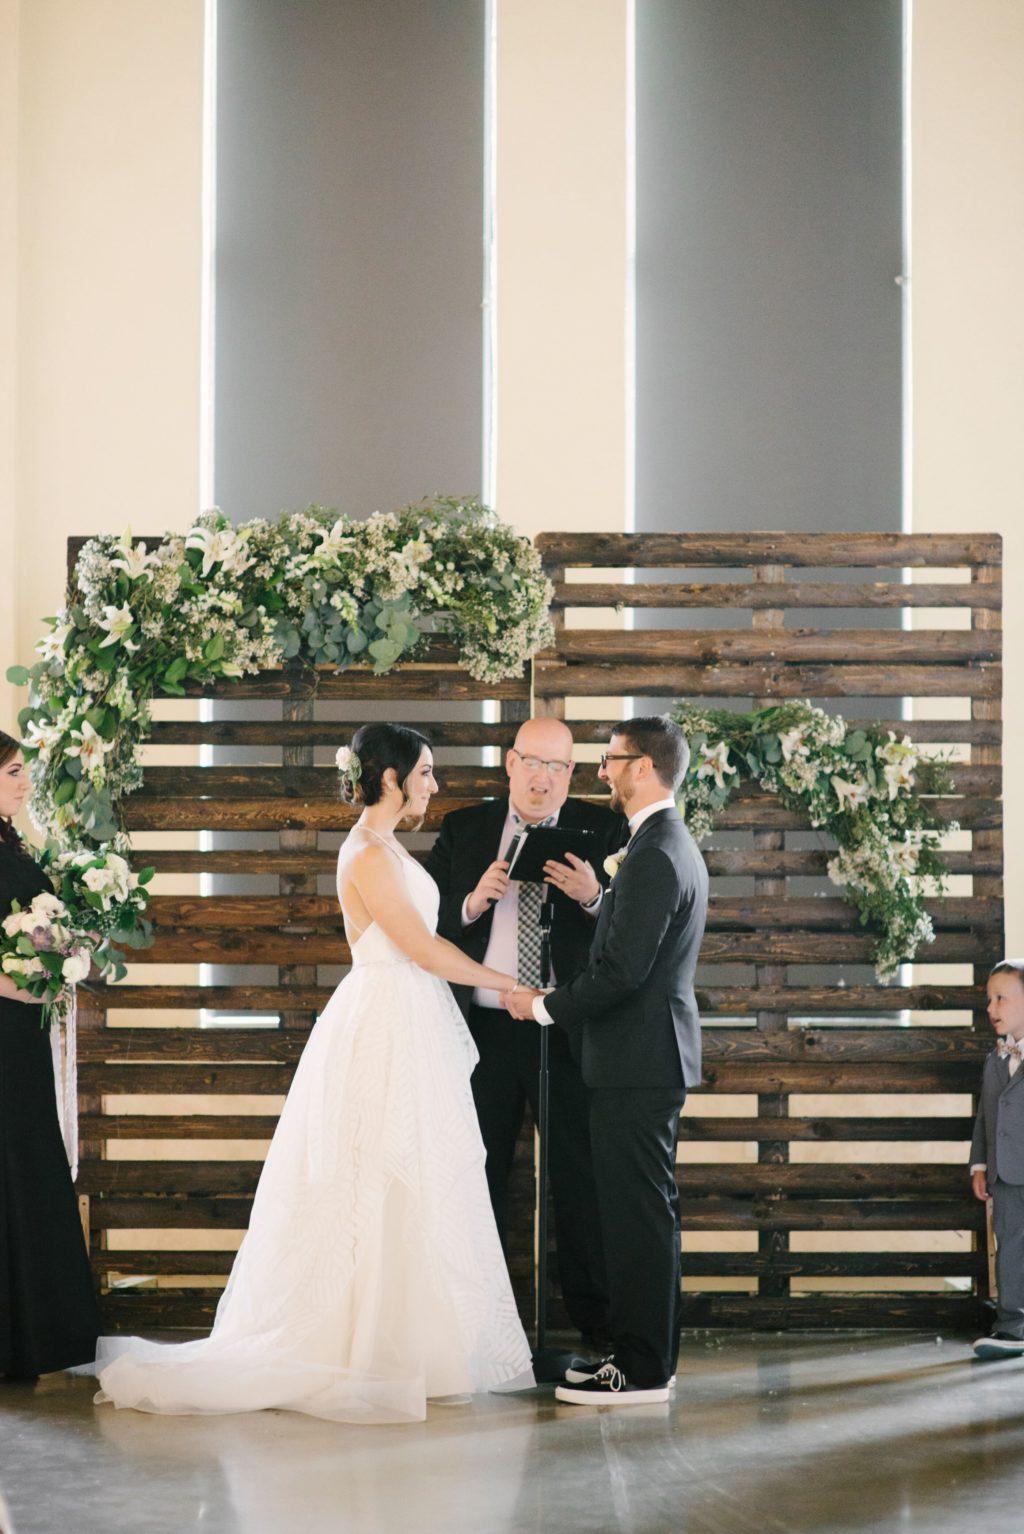 Rustic Ceremony Backdrop Idea |